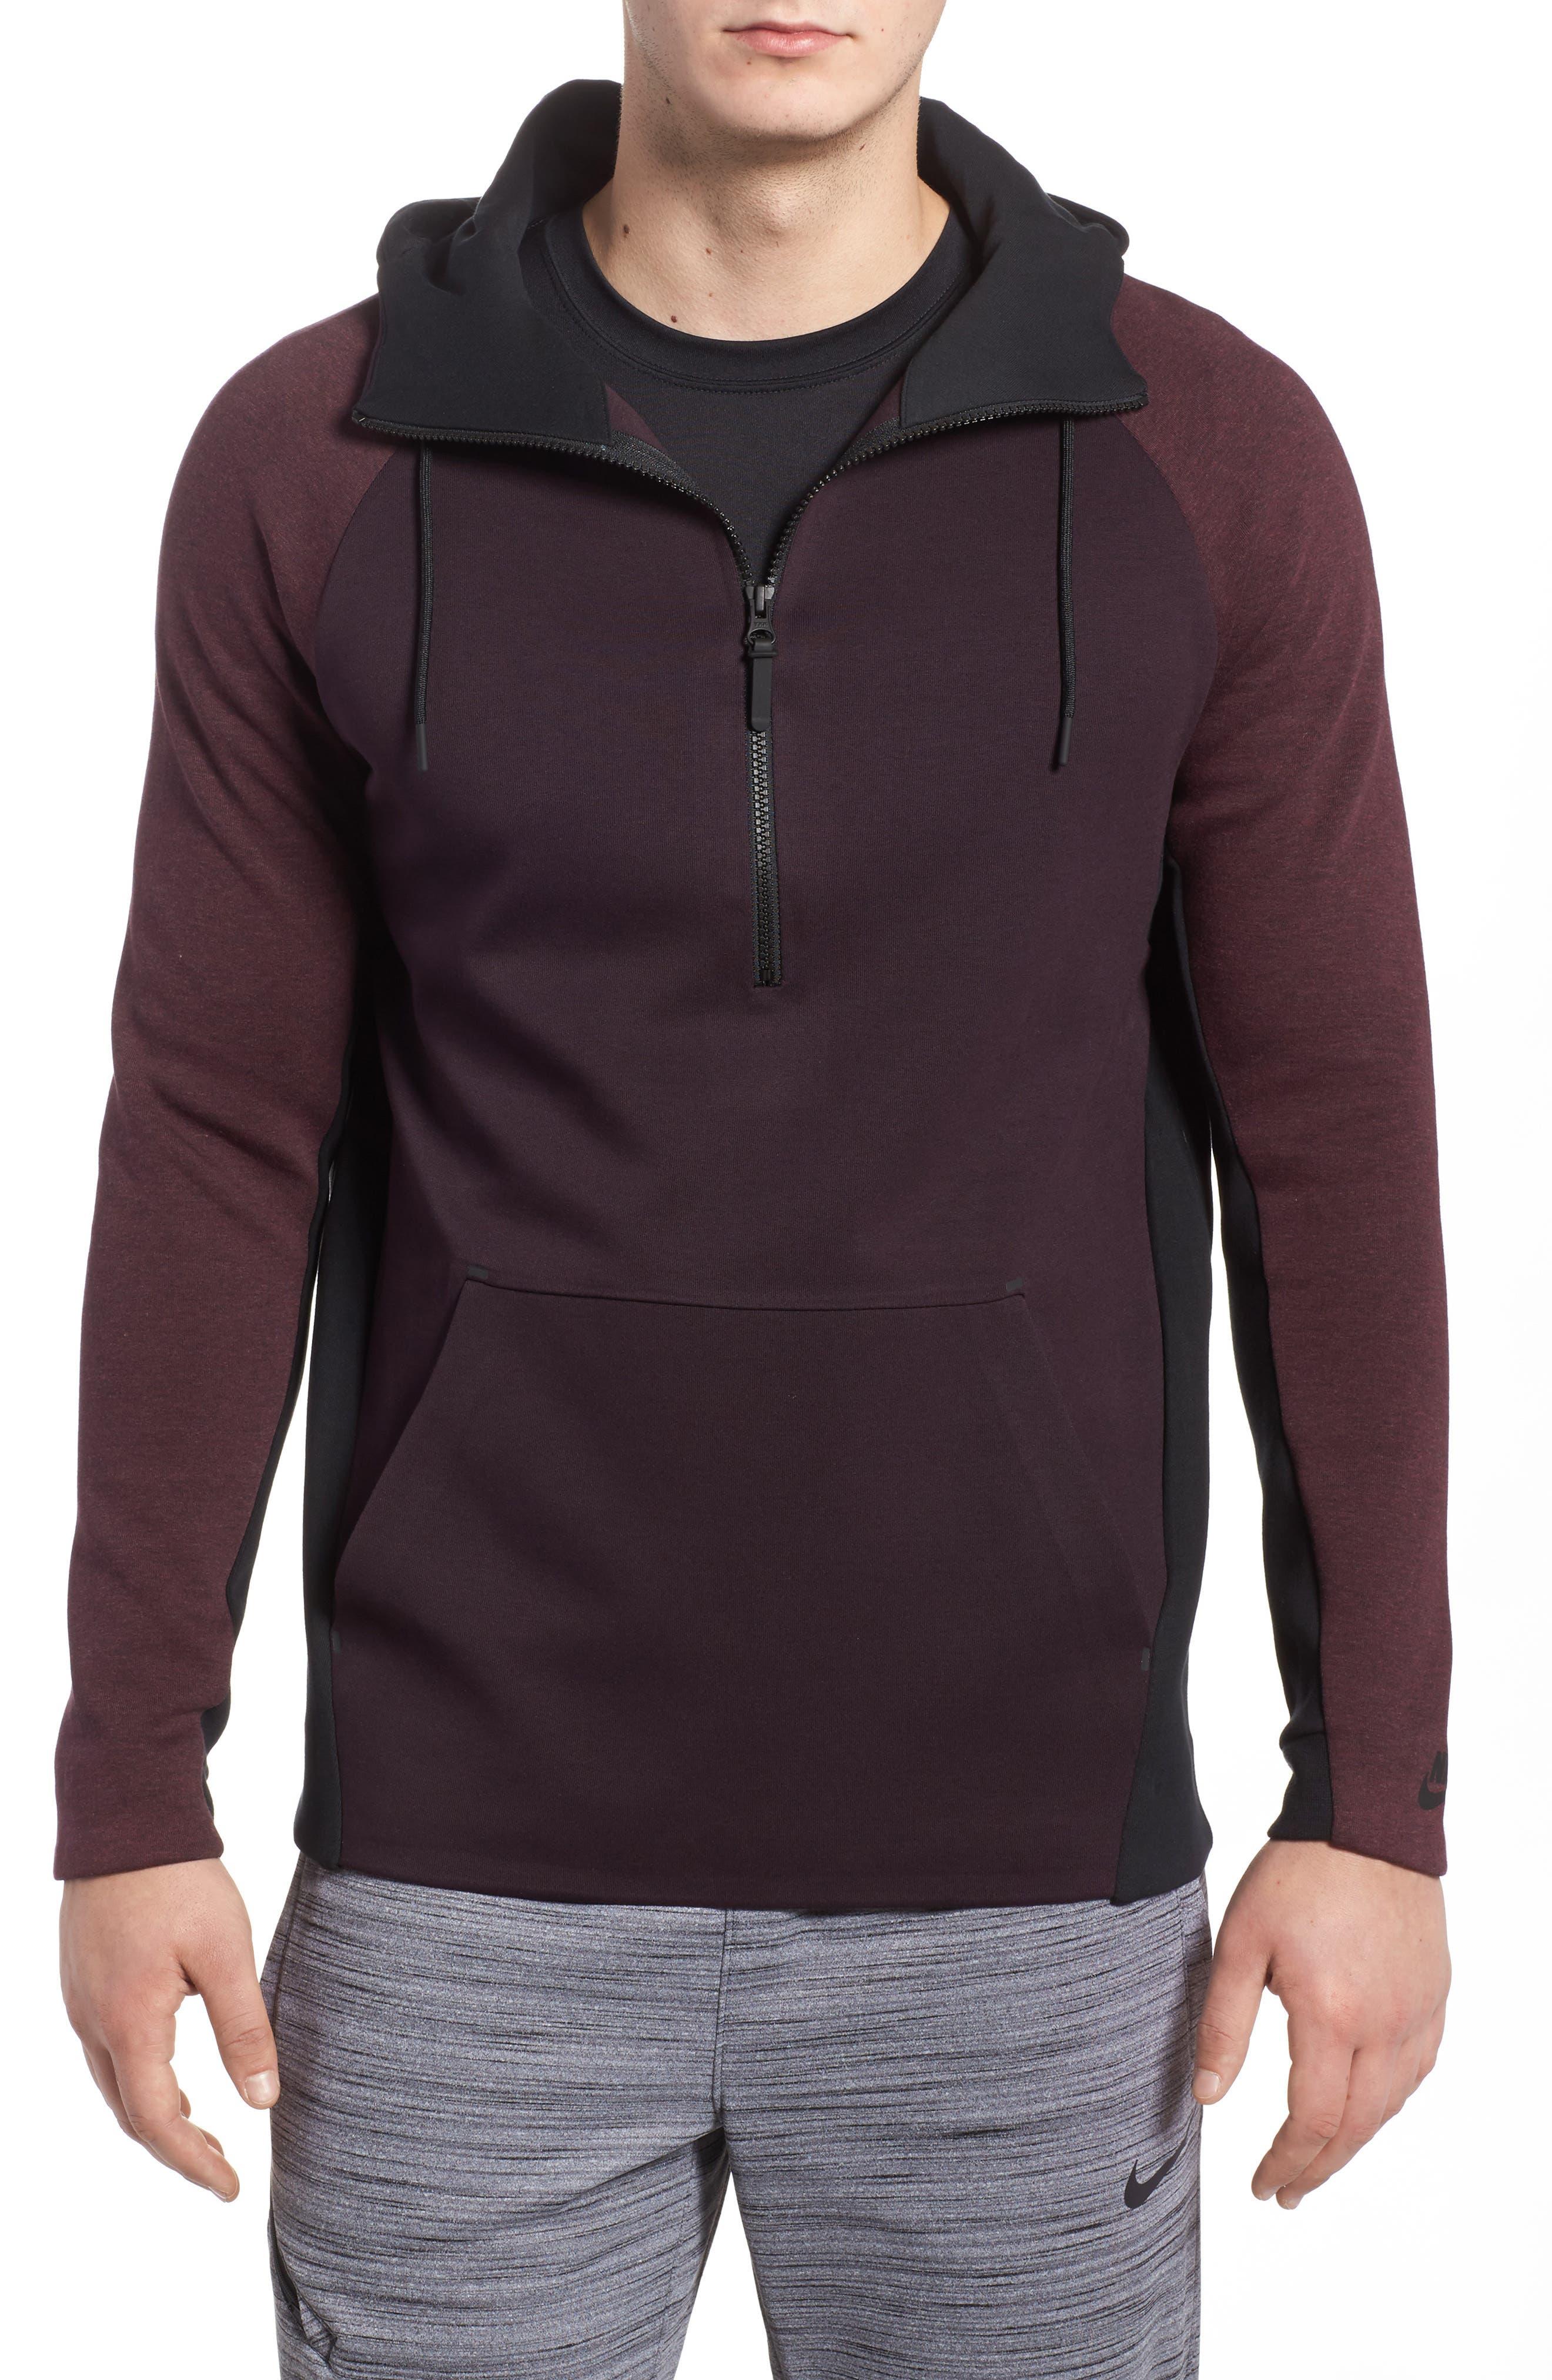 Men's Hoodies, Sweatshirts & Fleece | Nordstrom